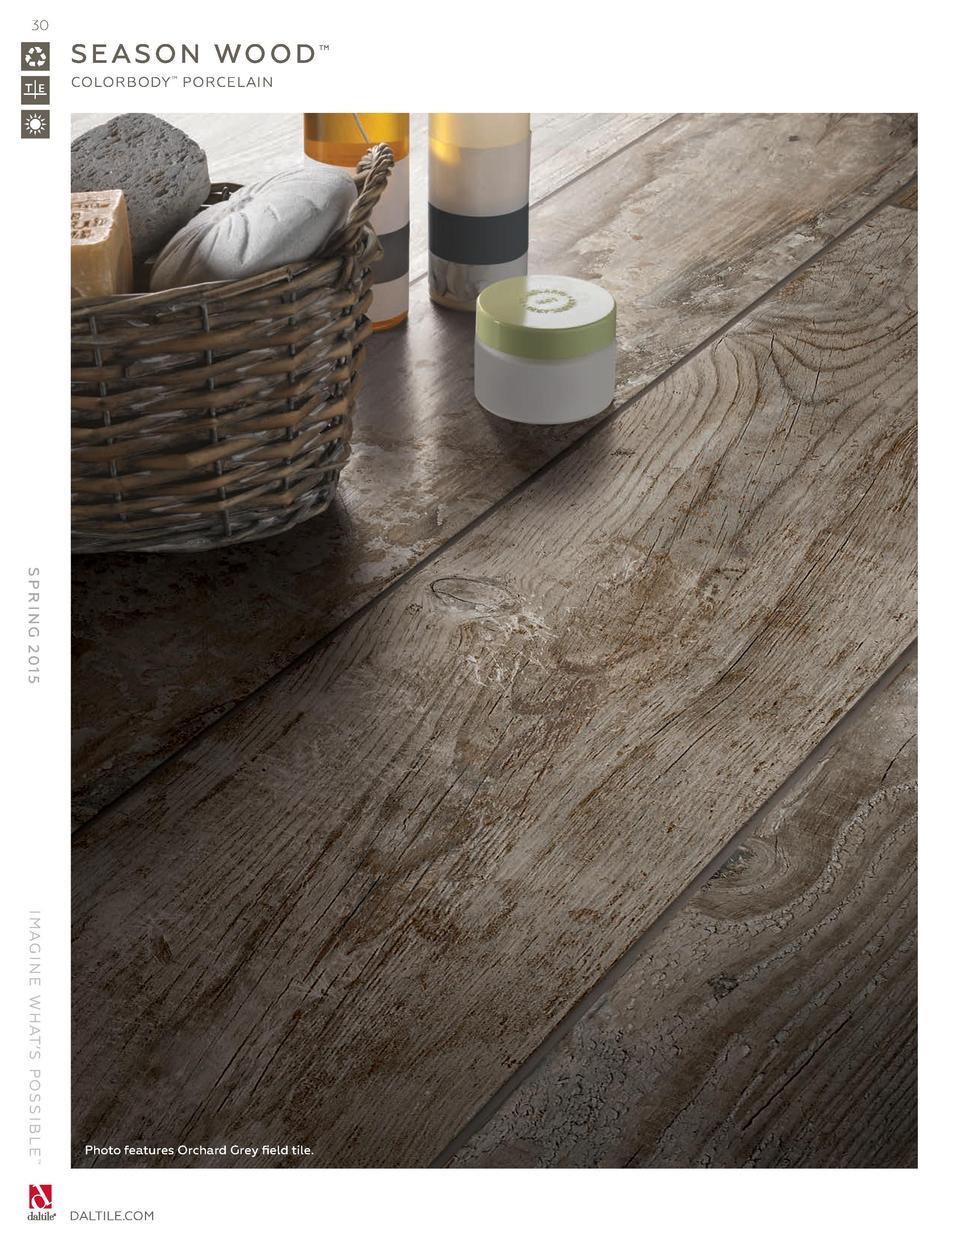 hardwood porcelain tile flooring of daltile spring 2015 catalog simplebooklet com regarding 30 s e a s o n wo o d colorbody porcelain s p r i n g 2 01 5 i mag i n e w hat s po